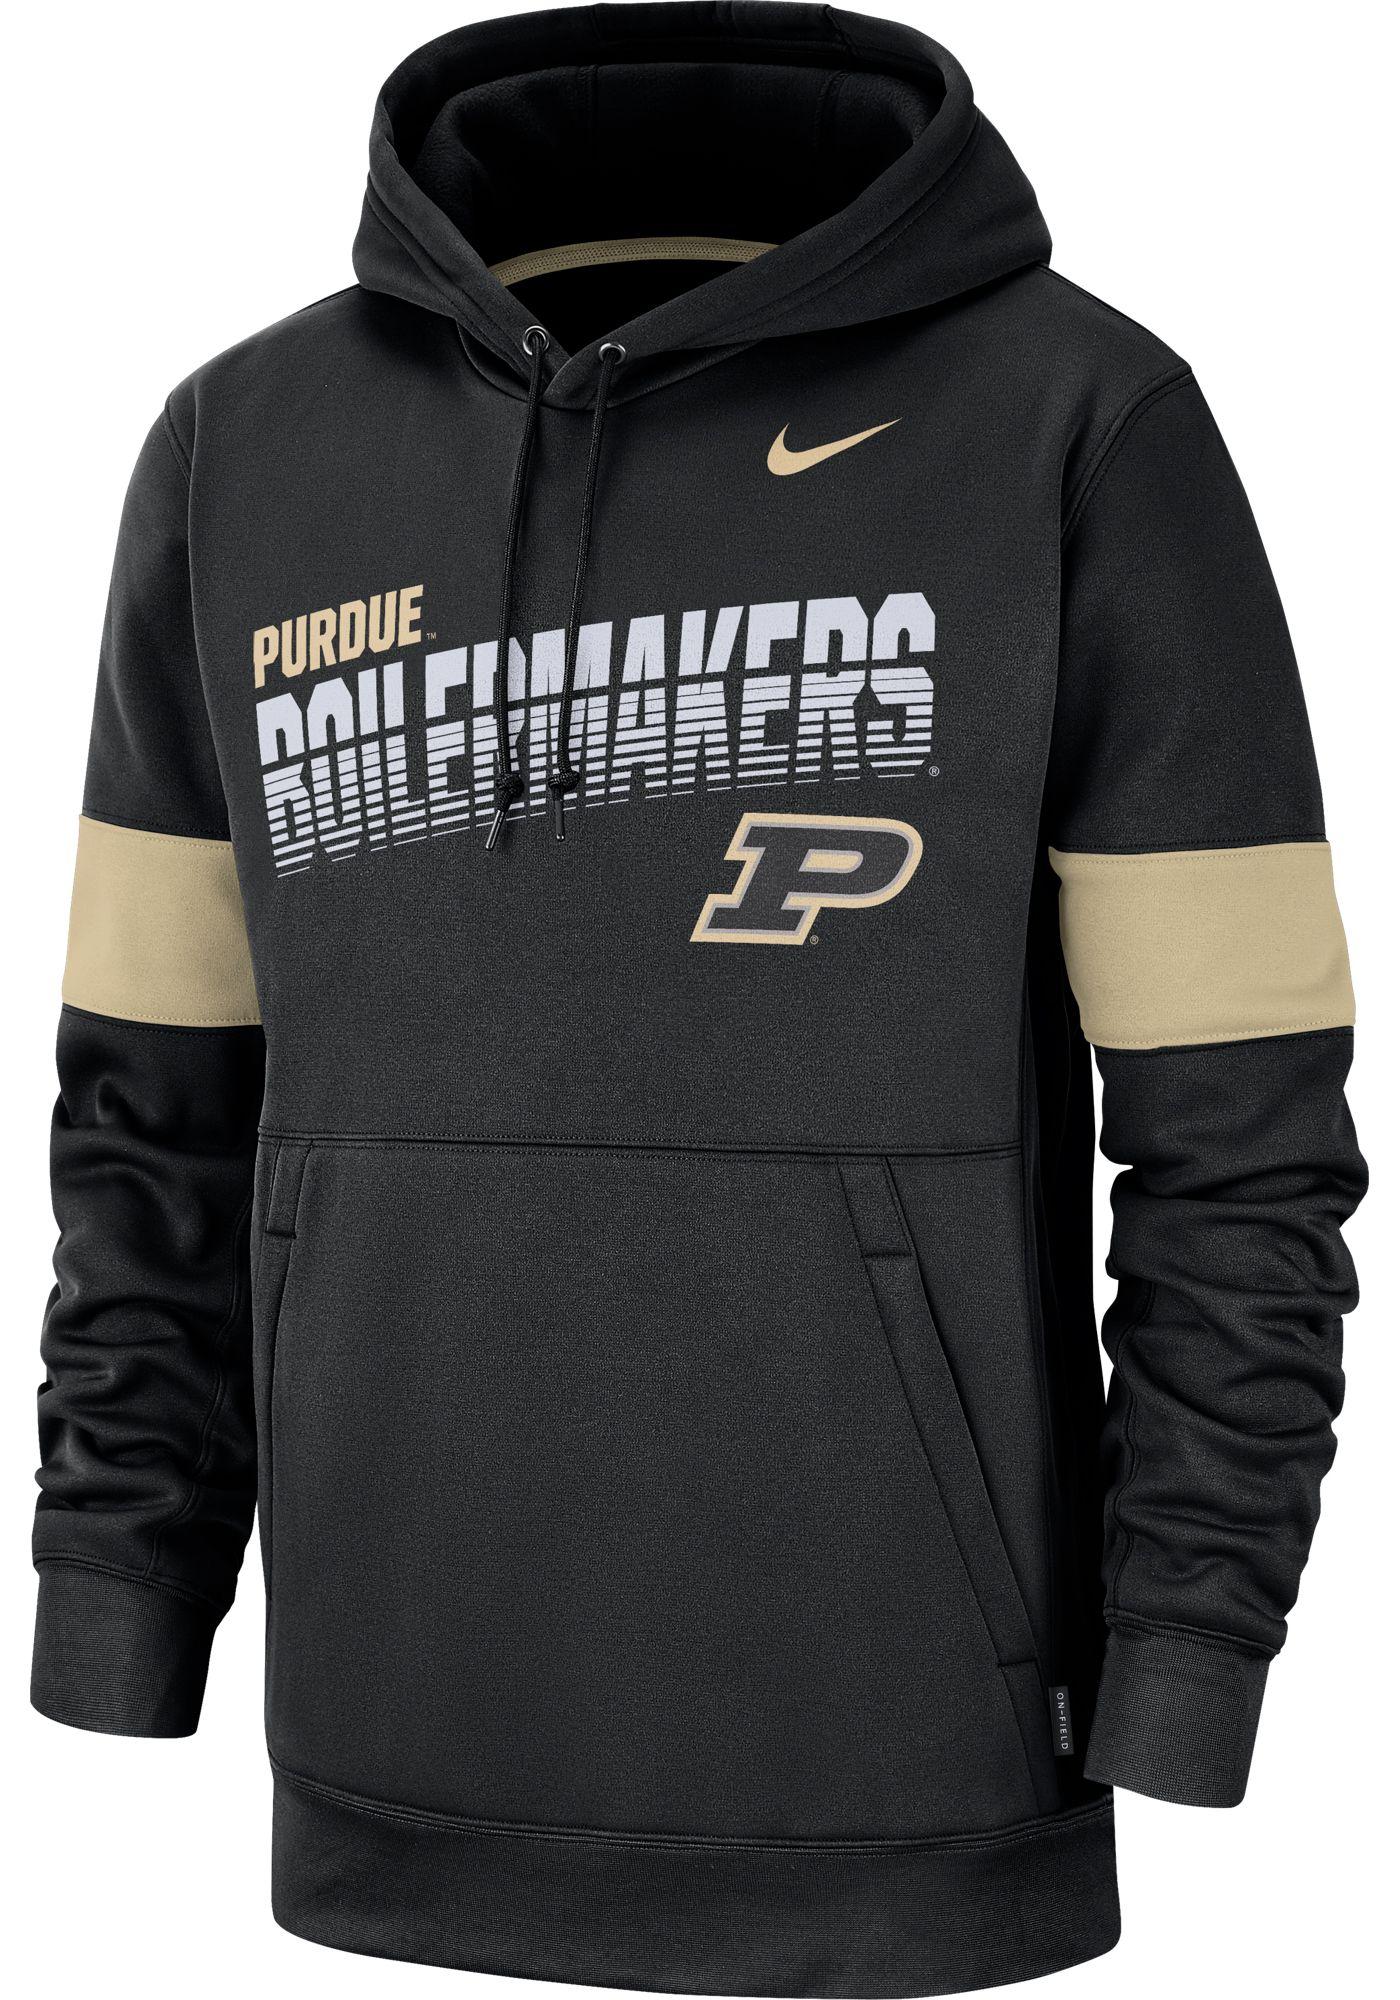 Nike Men's Purdue Boilermakers Therma Football Sideline Pullover Black Hoodie